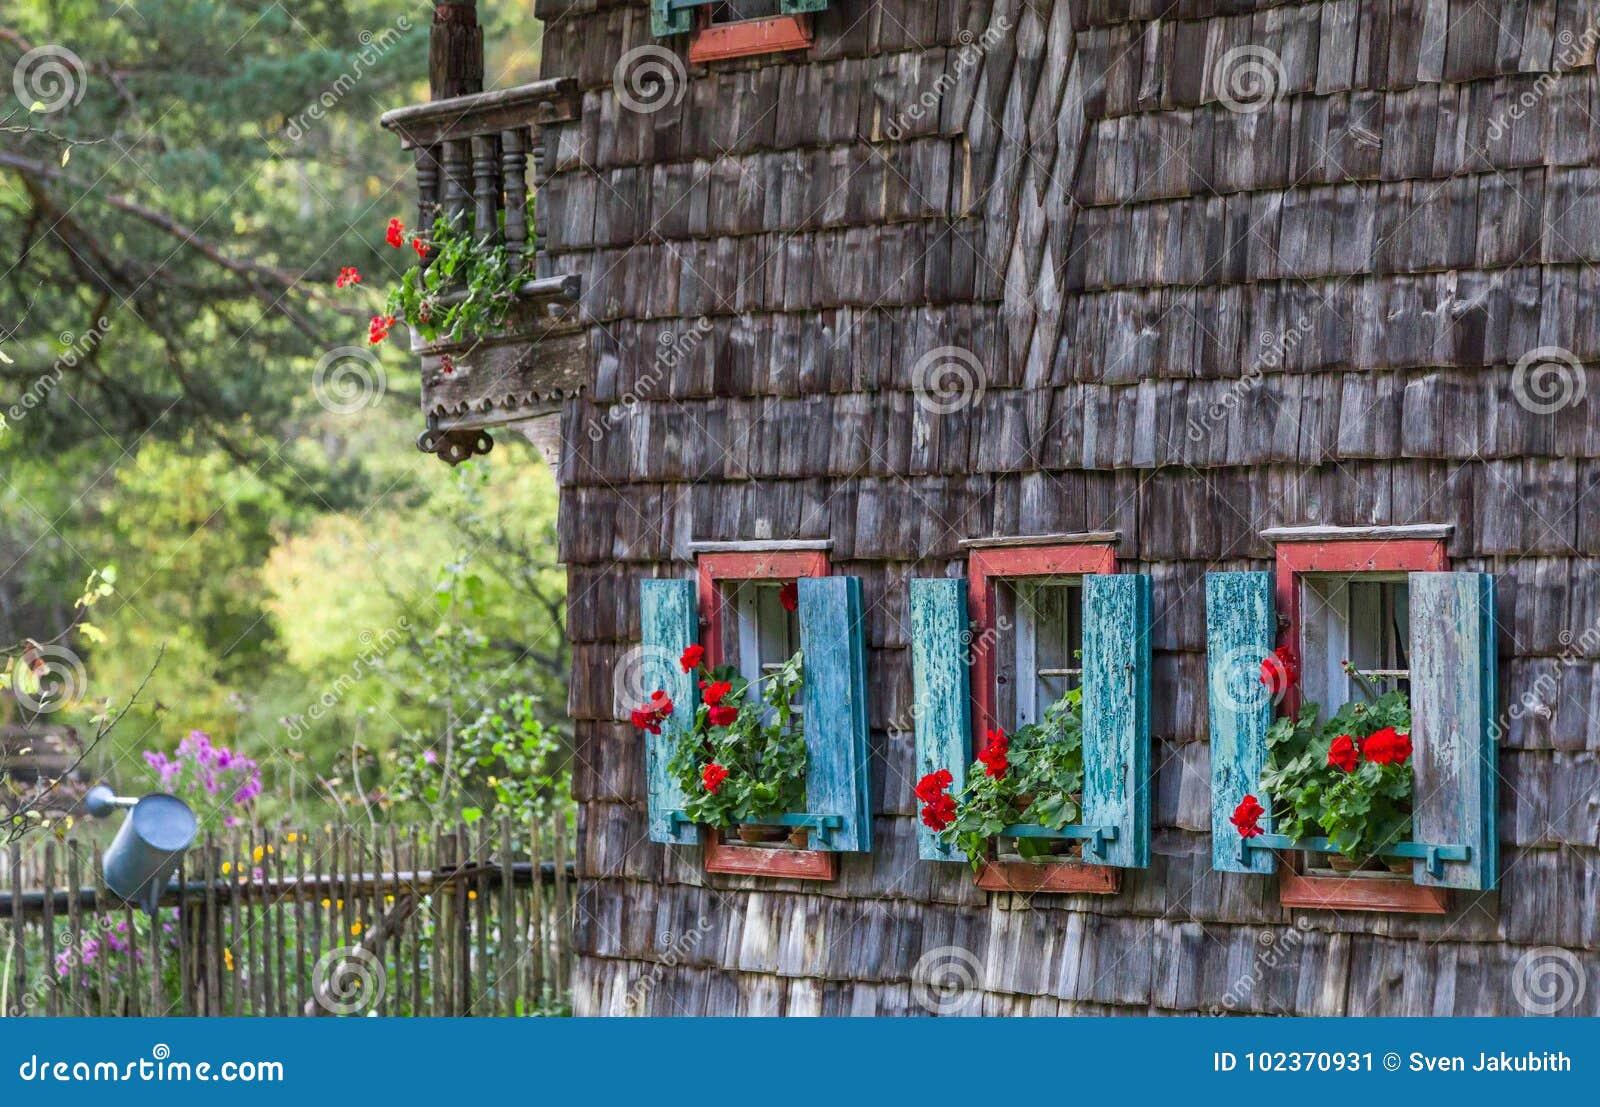 Историческое окно сельского дома с красными гераниумами